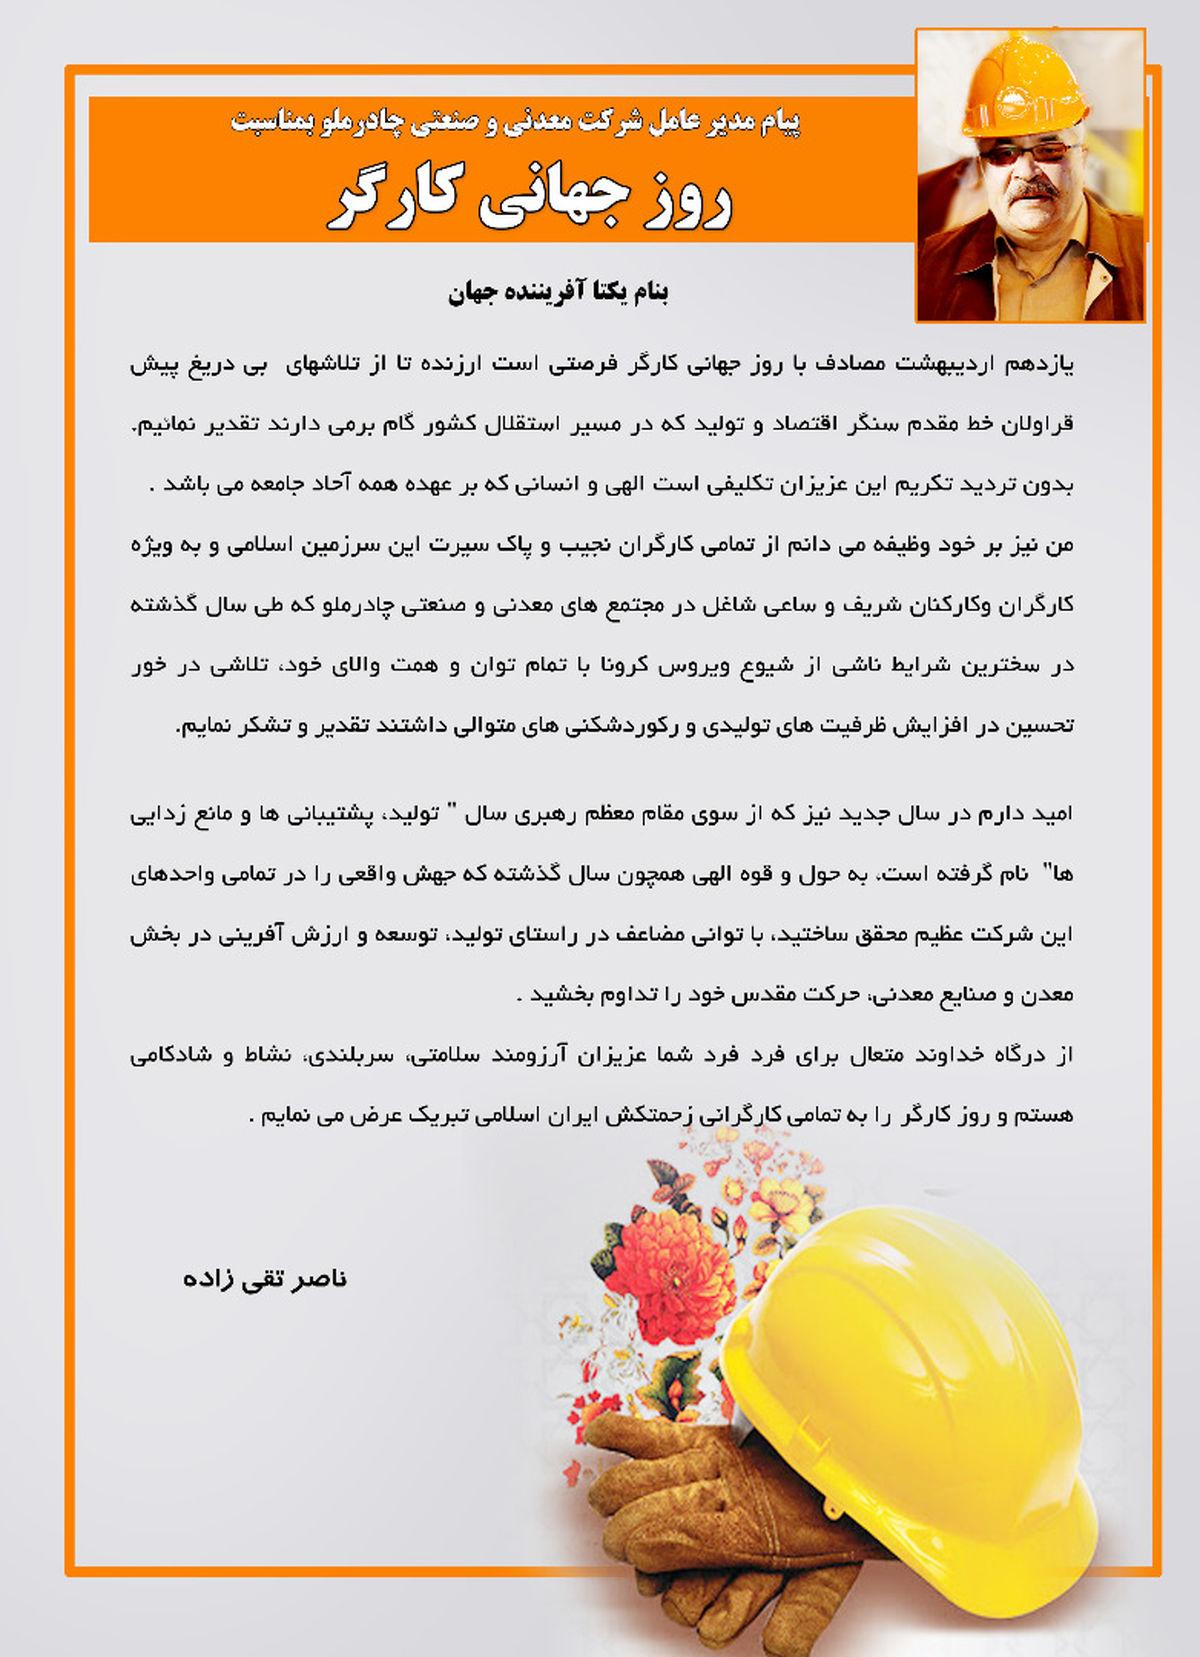 پیام مدیر عامل شرکت معدنی و صنعتی چادرملو بمناسبت روز کارگر